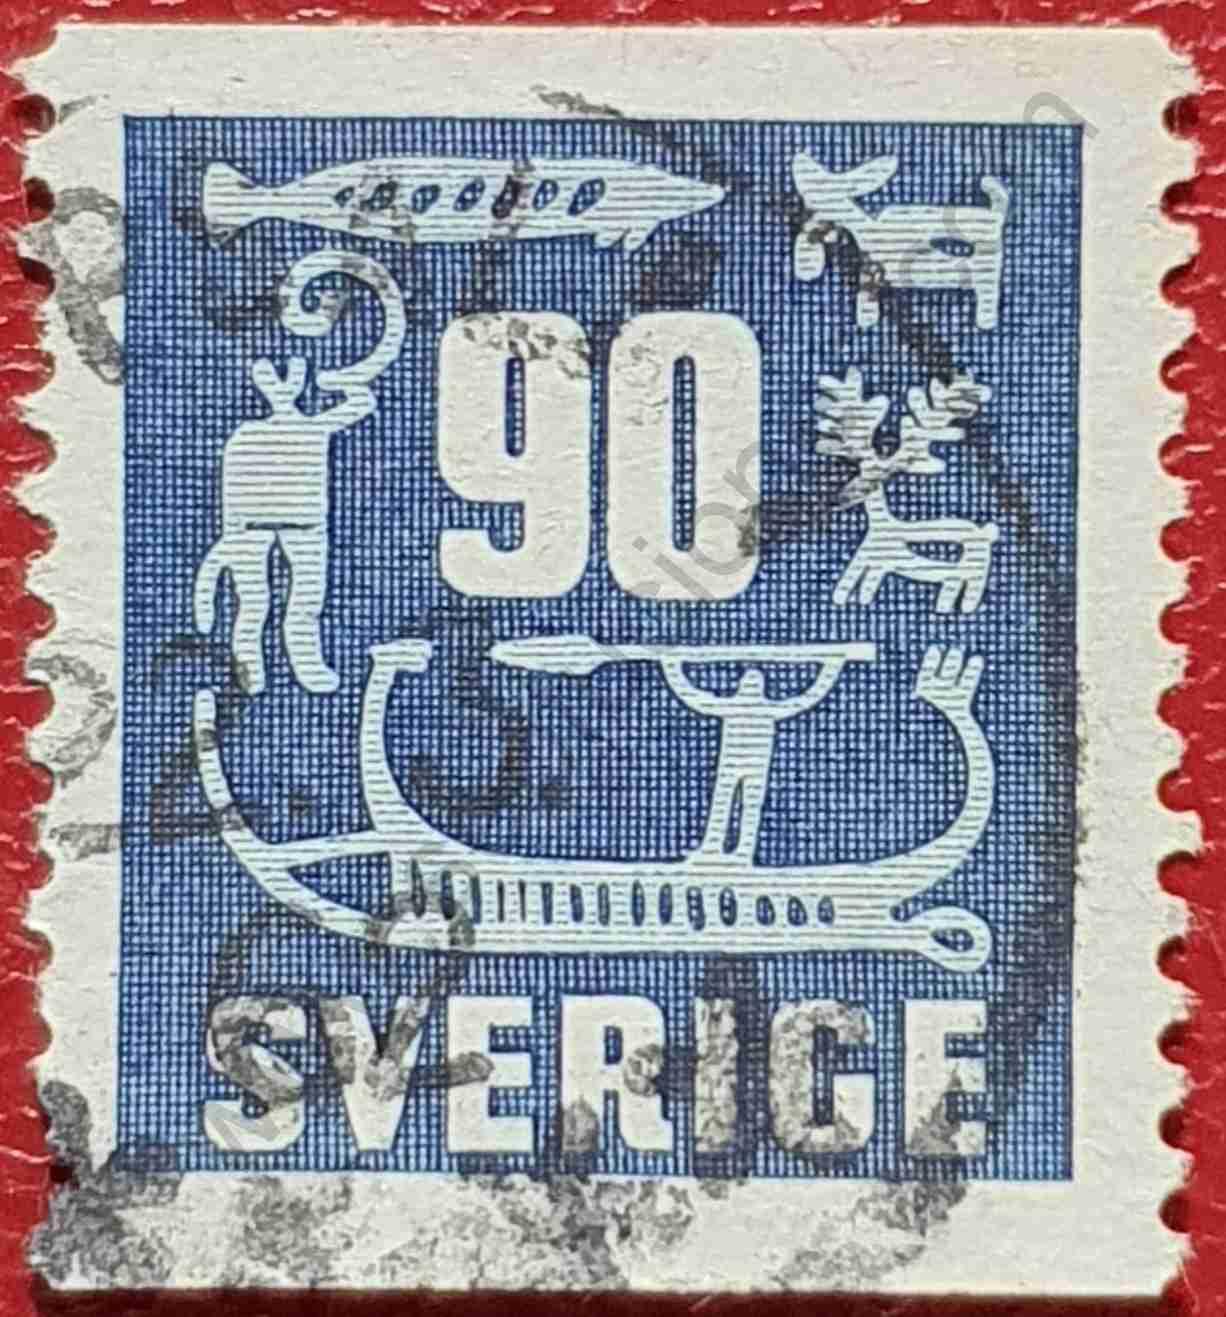 Sello Suecia 90 Ore 1954 - Tallas en roca